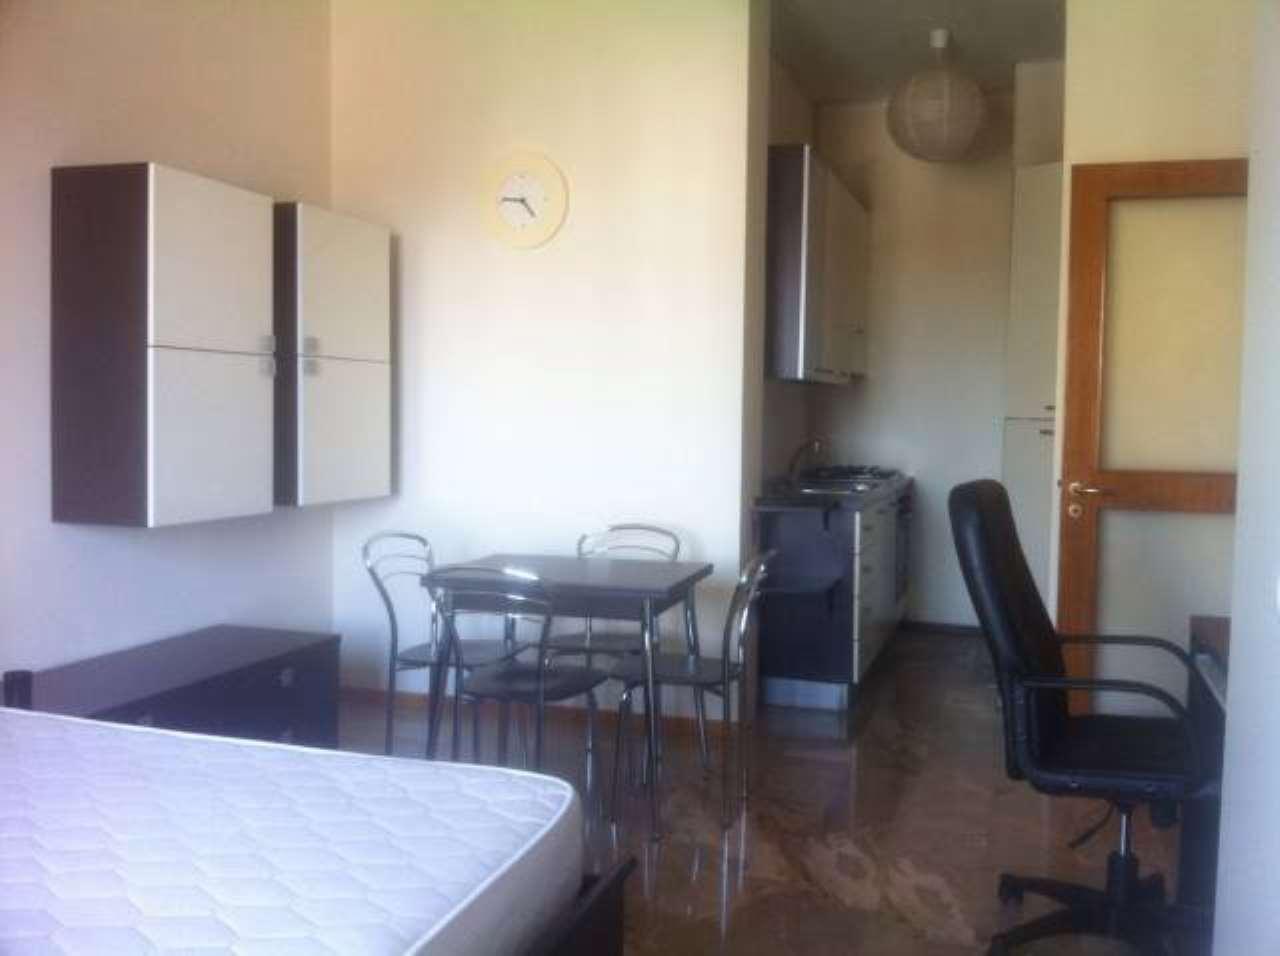 Appartamento in affitto a Cassina de' Pecchi, 1 locali, prezzo € 500 | PortaleAgenzieImmobiliari.it